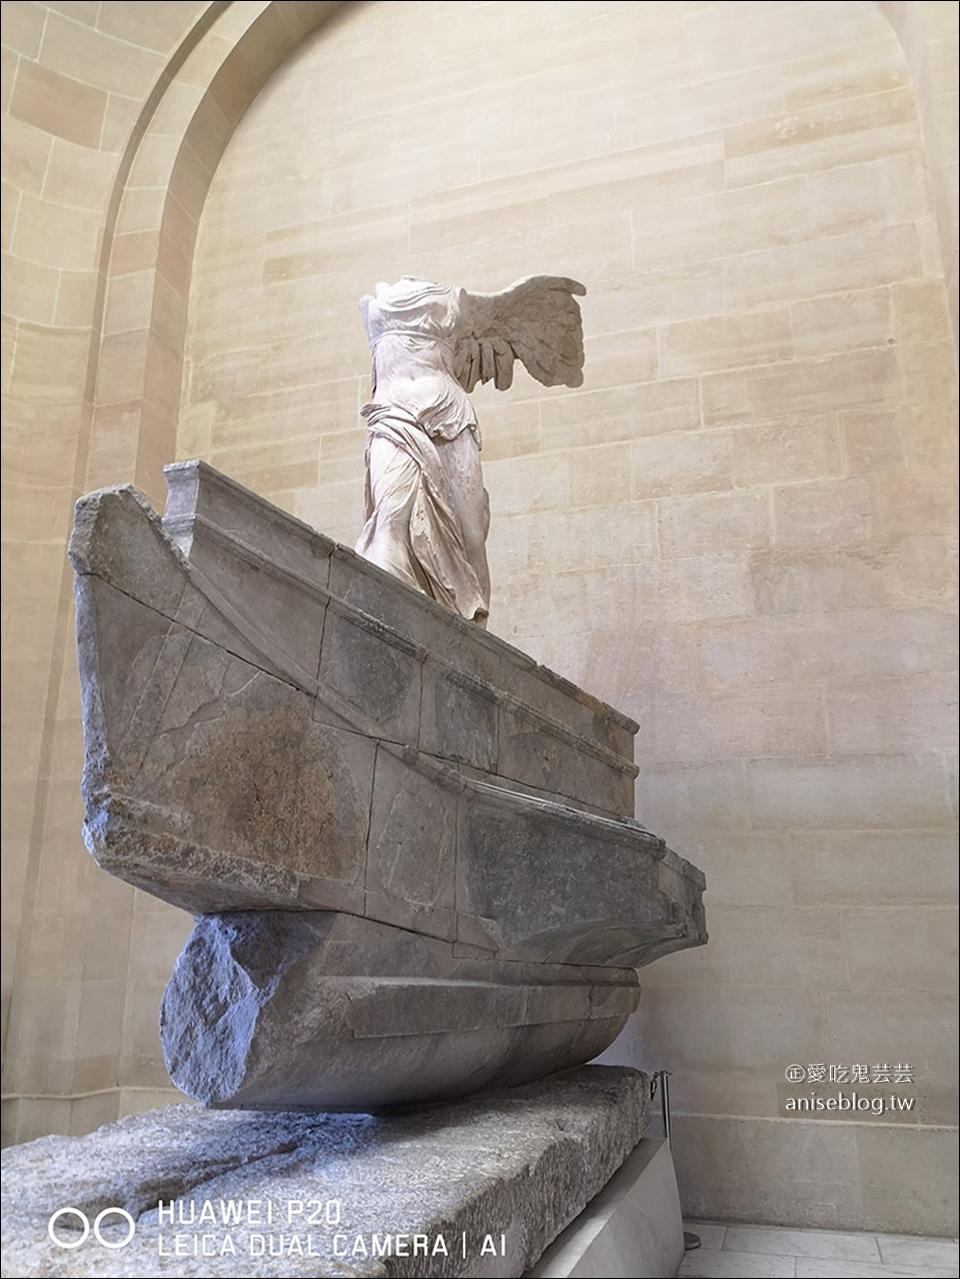 巴黎博物館通行證 | Paris Museum Pass,暢遊巴黎博物館好省錢!